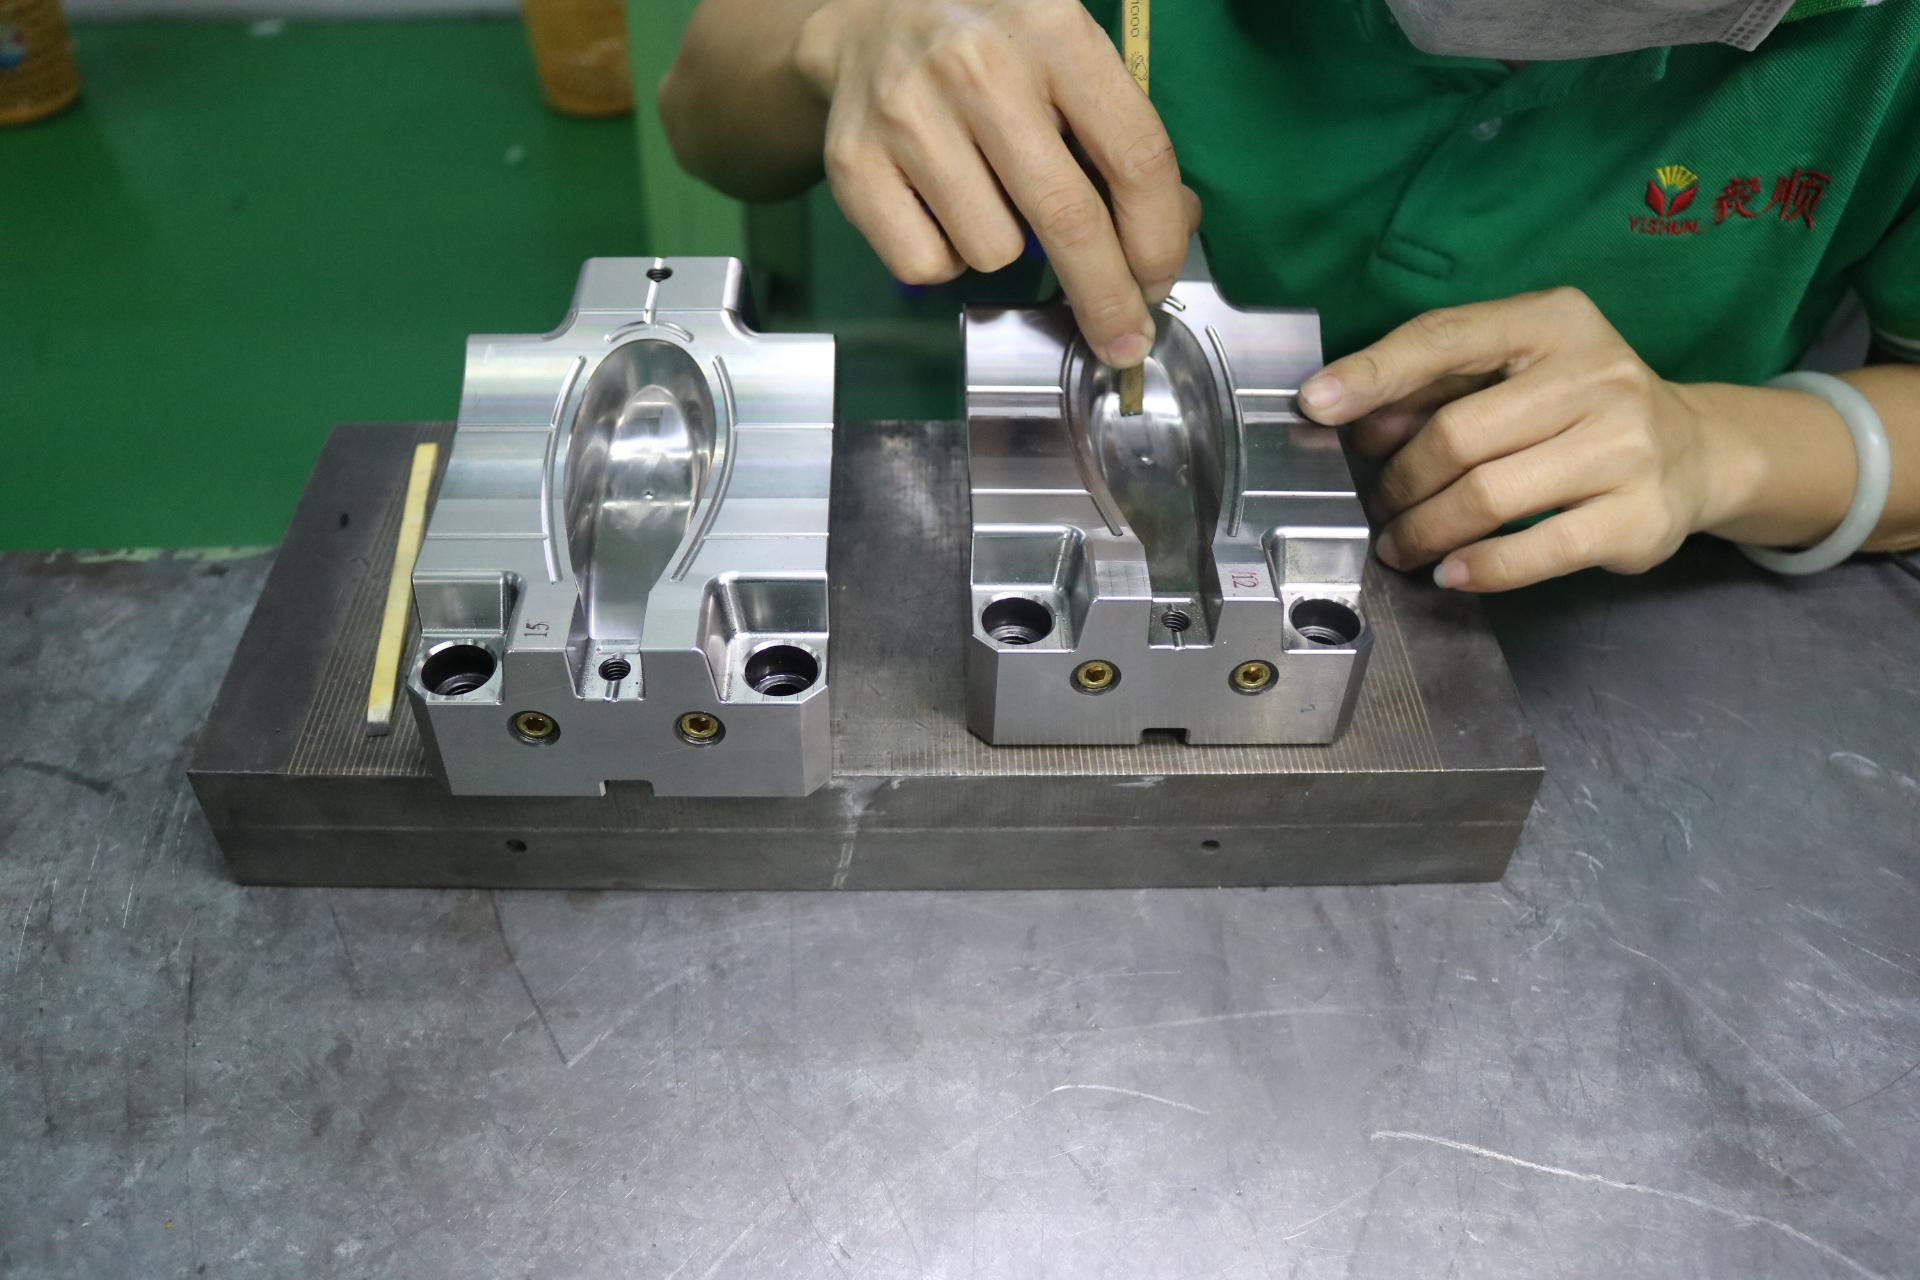 模具钳工是做什么的_塑胶模具为什么要做模具省模高光?|常见问题 - 深圳毅顺省模抛光